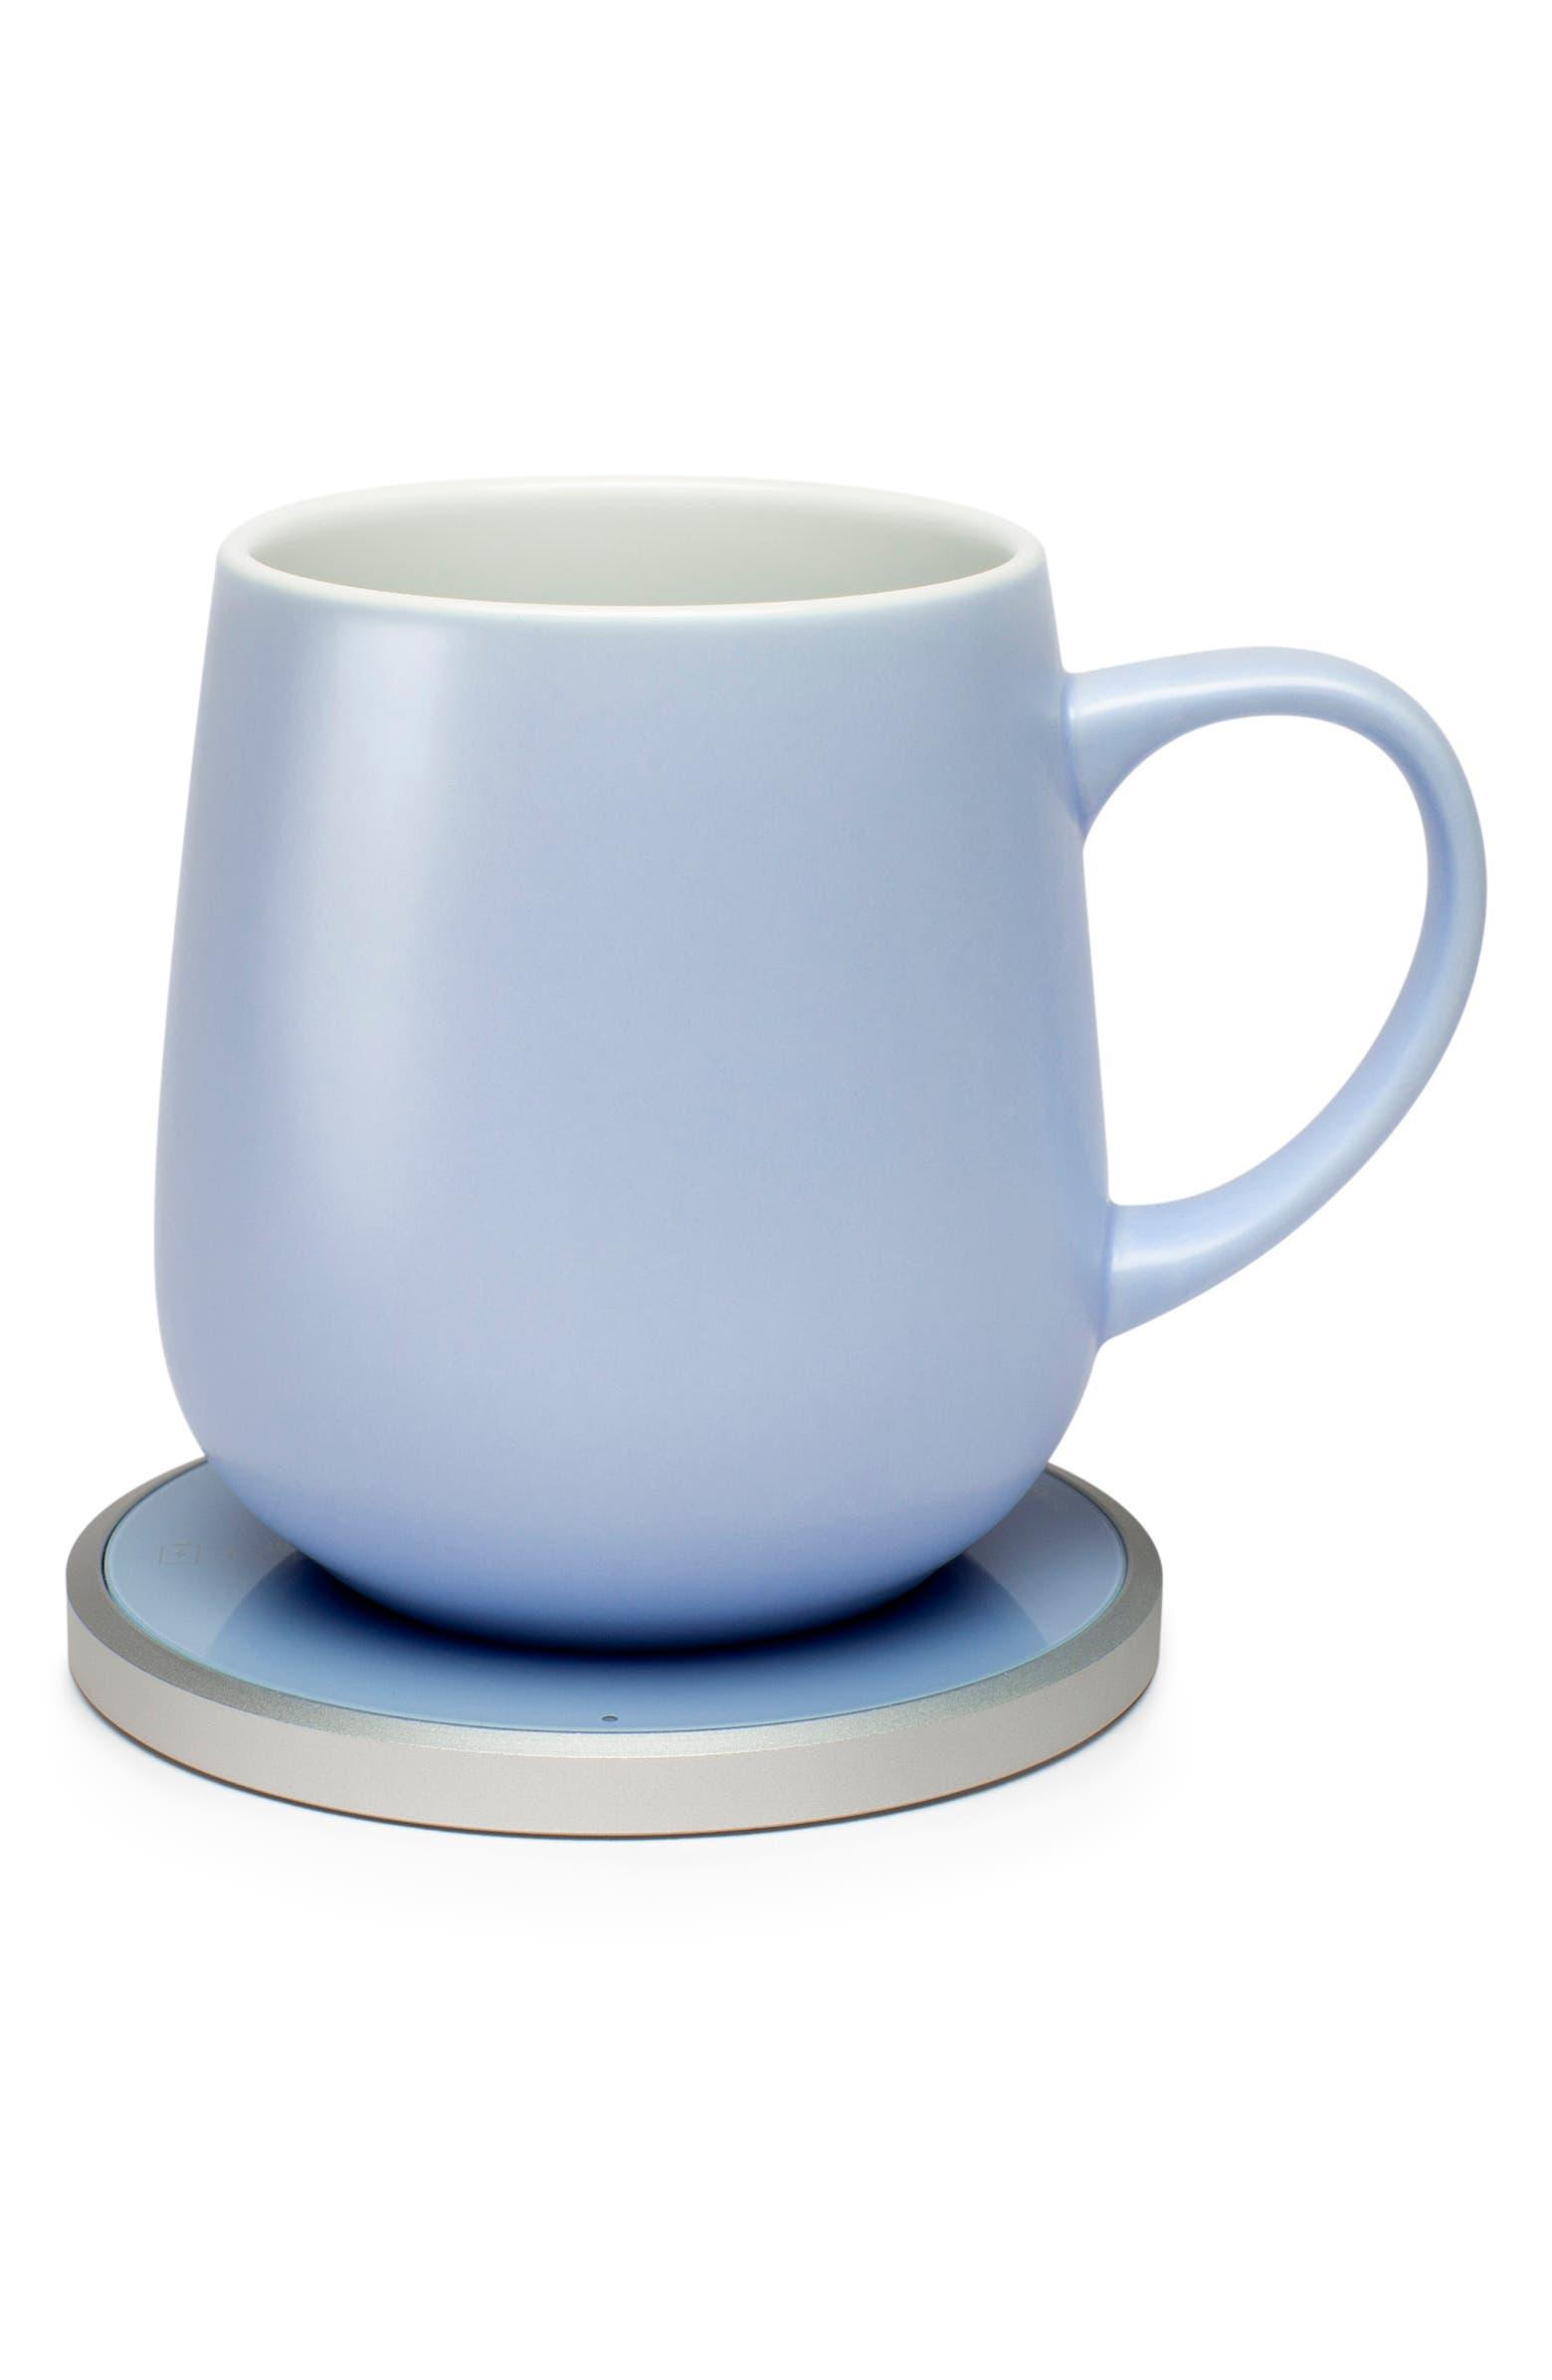 OHOM Ui Mug & Warmer Set